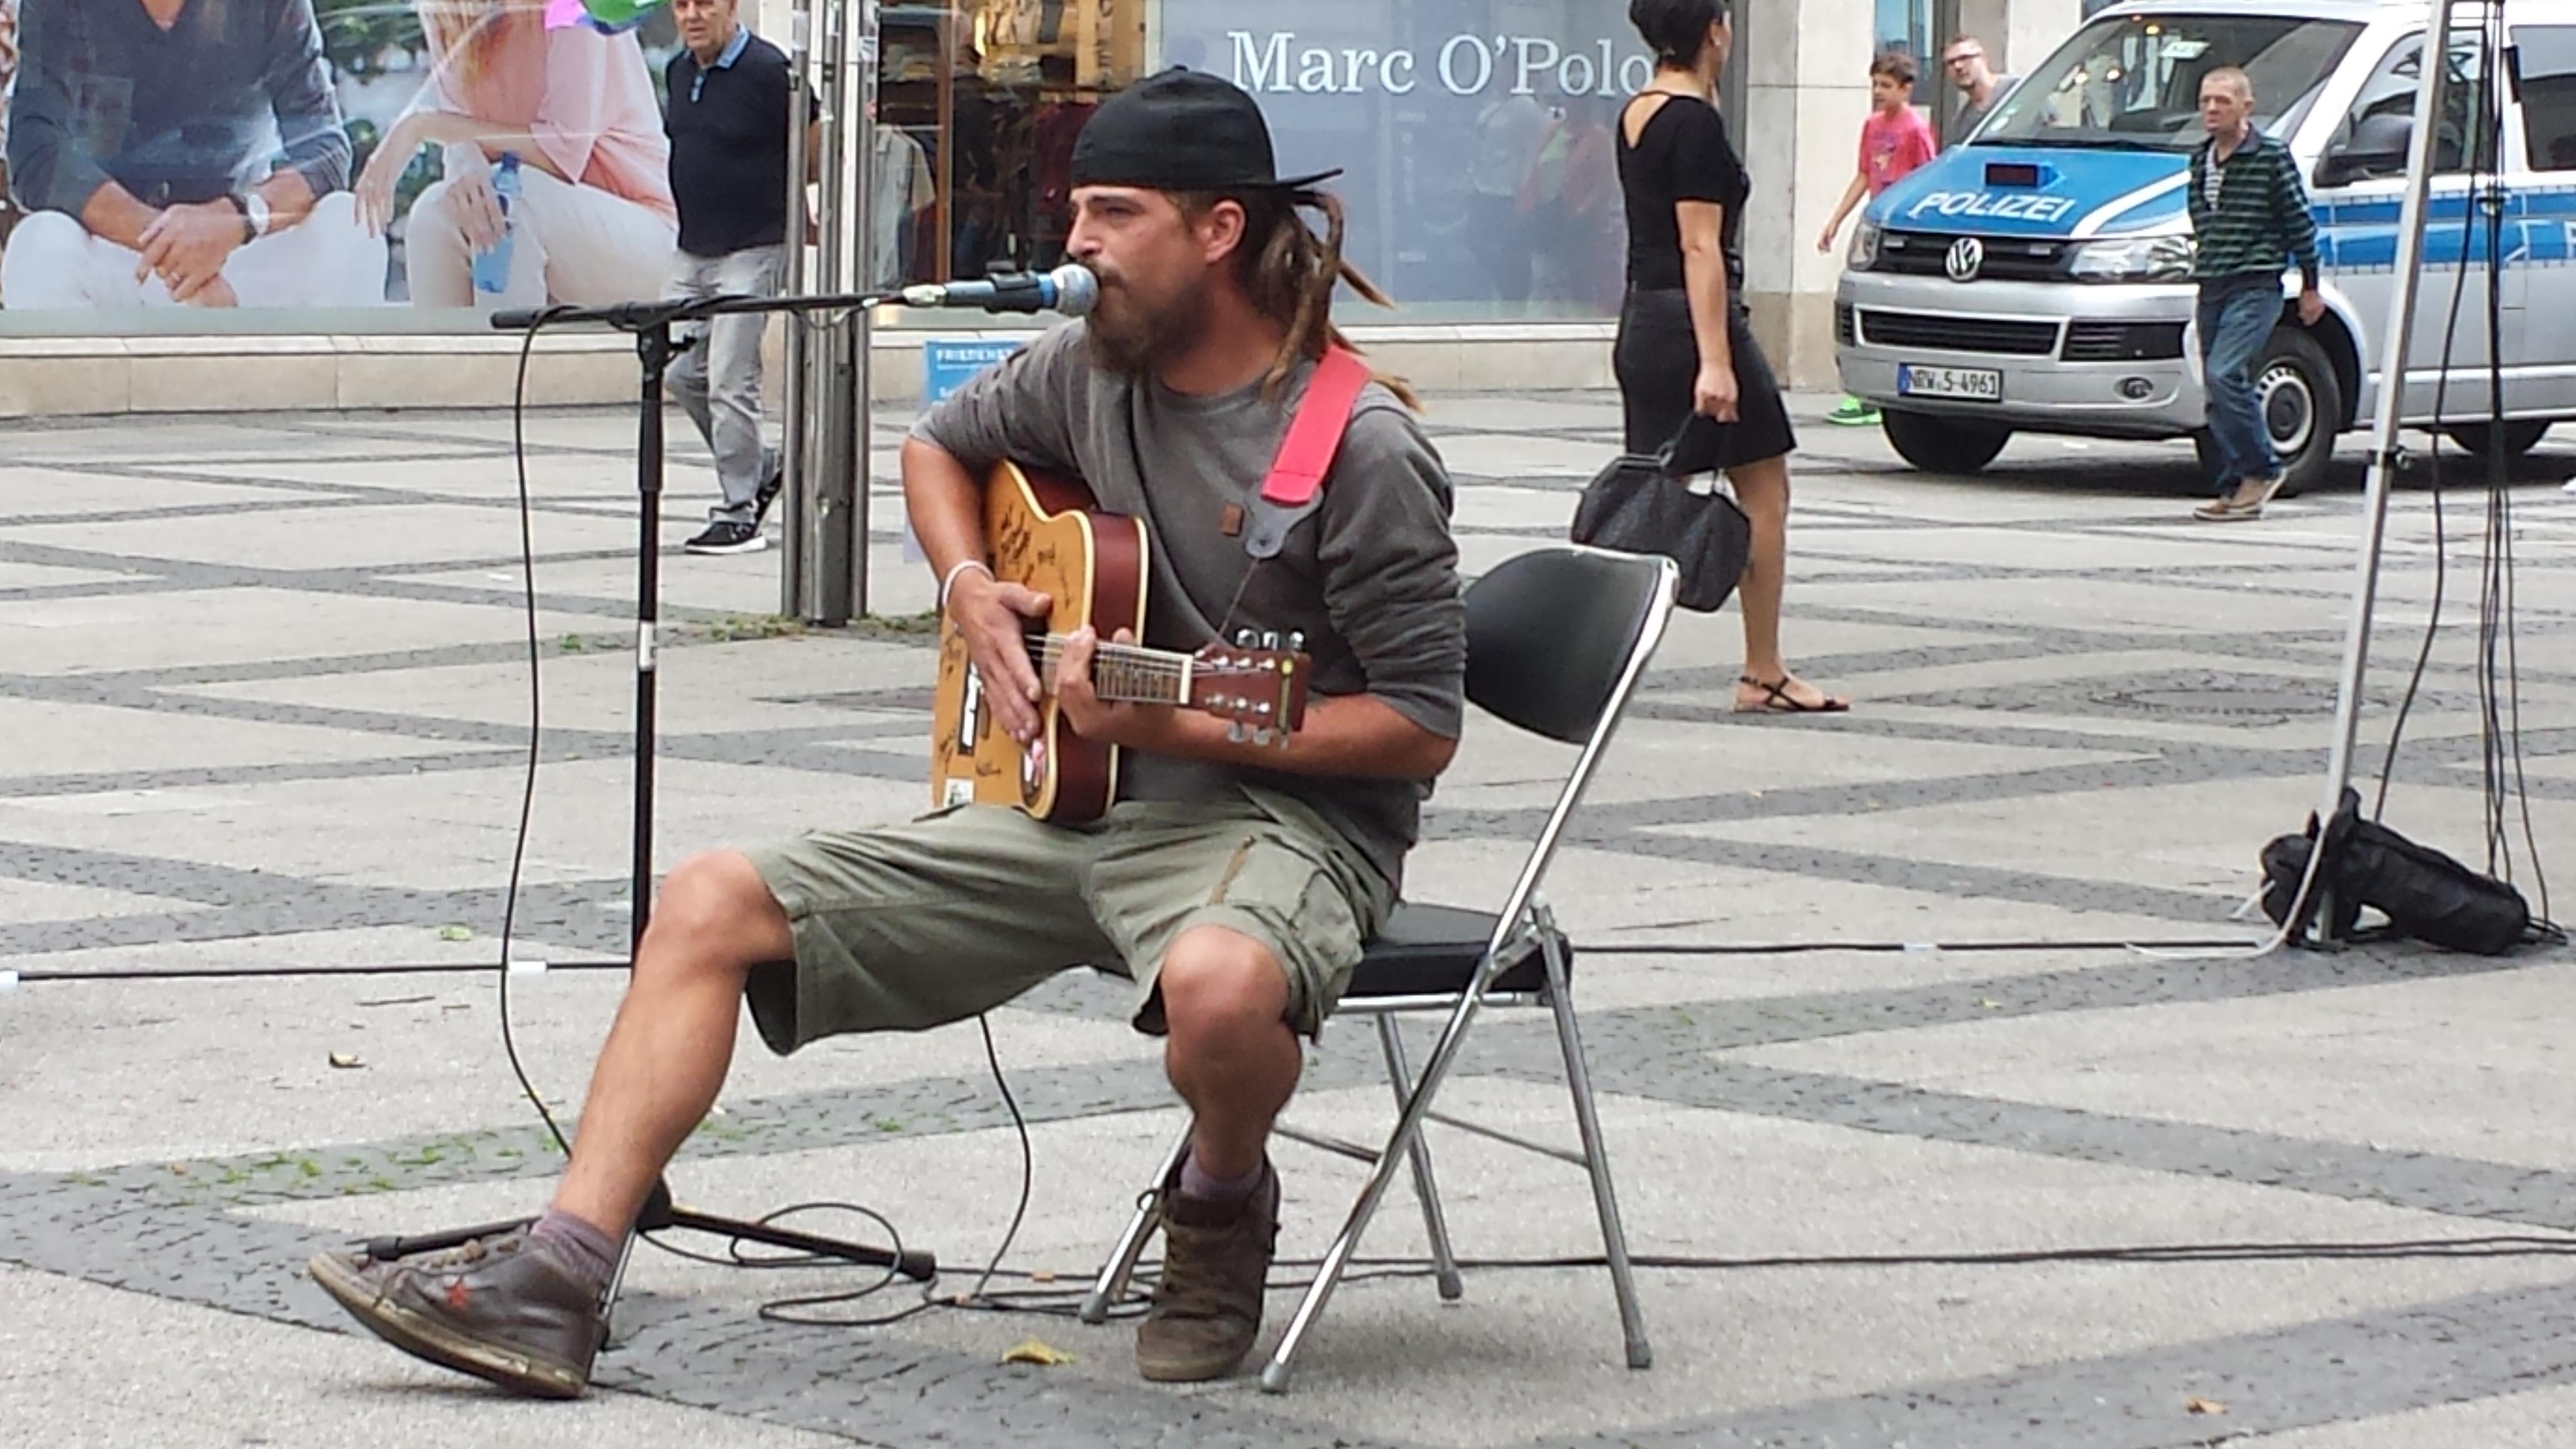 René Rebell, ein weiterer Musiker an diesem langen Samstag in Dortmund.